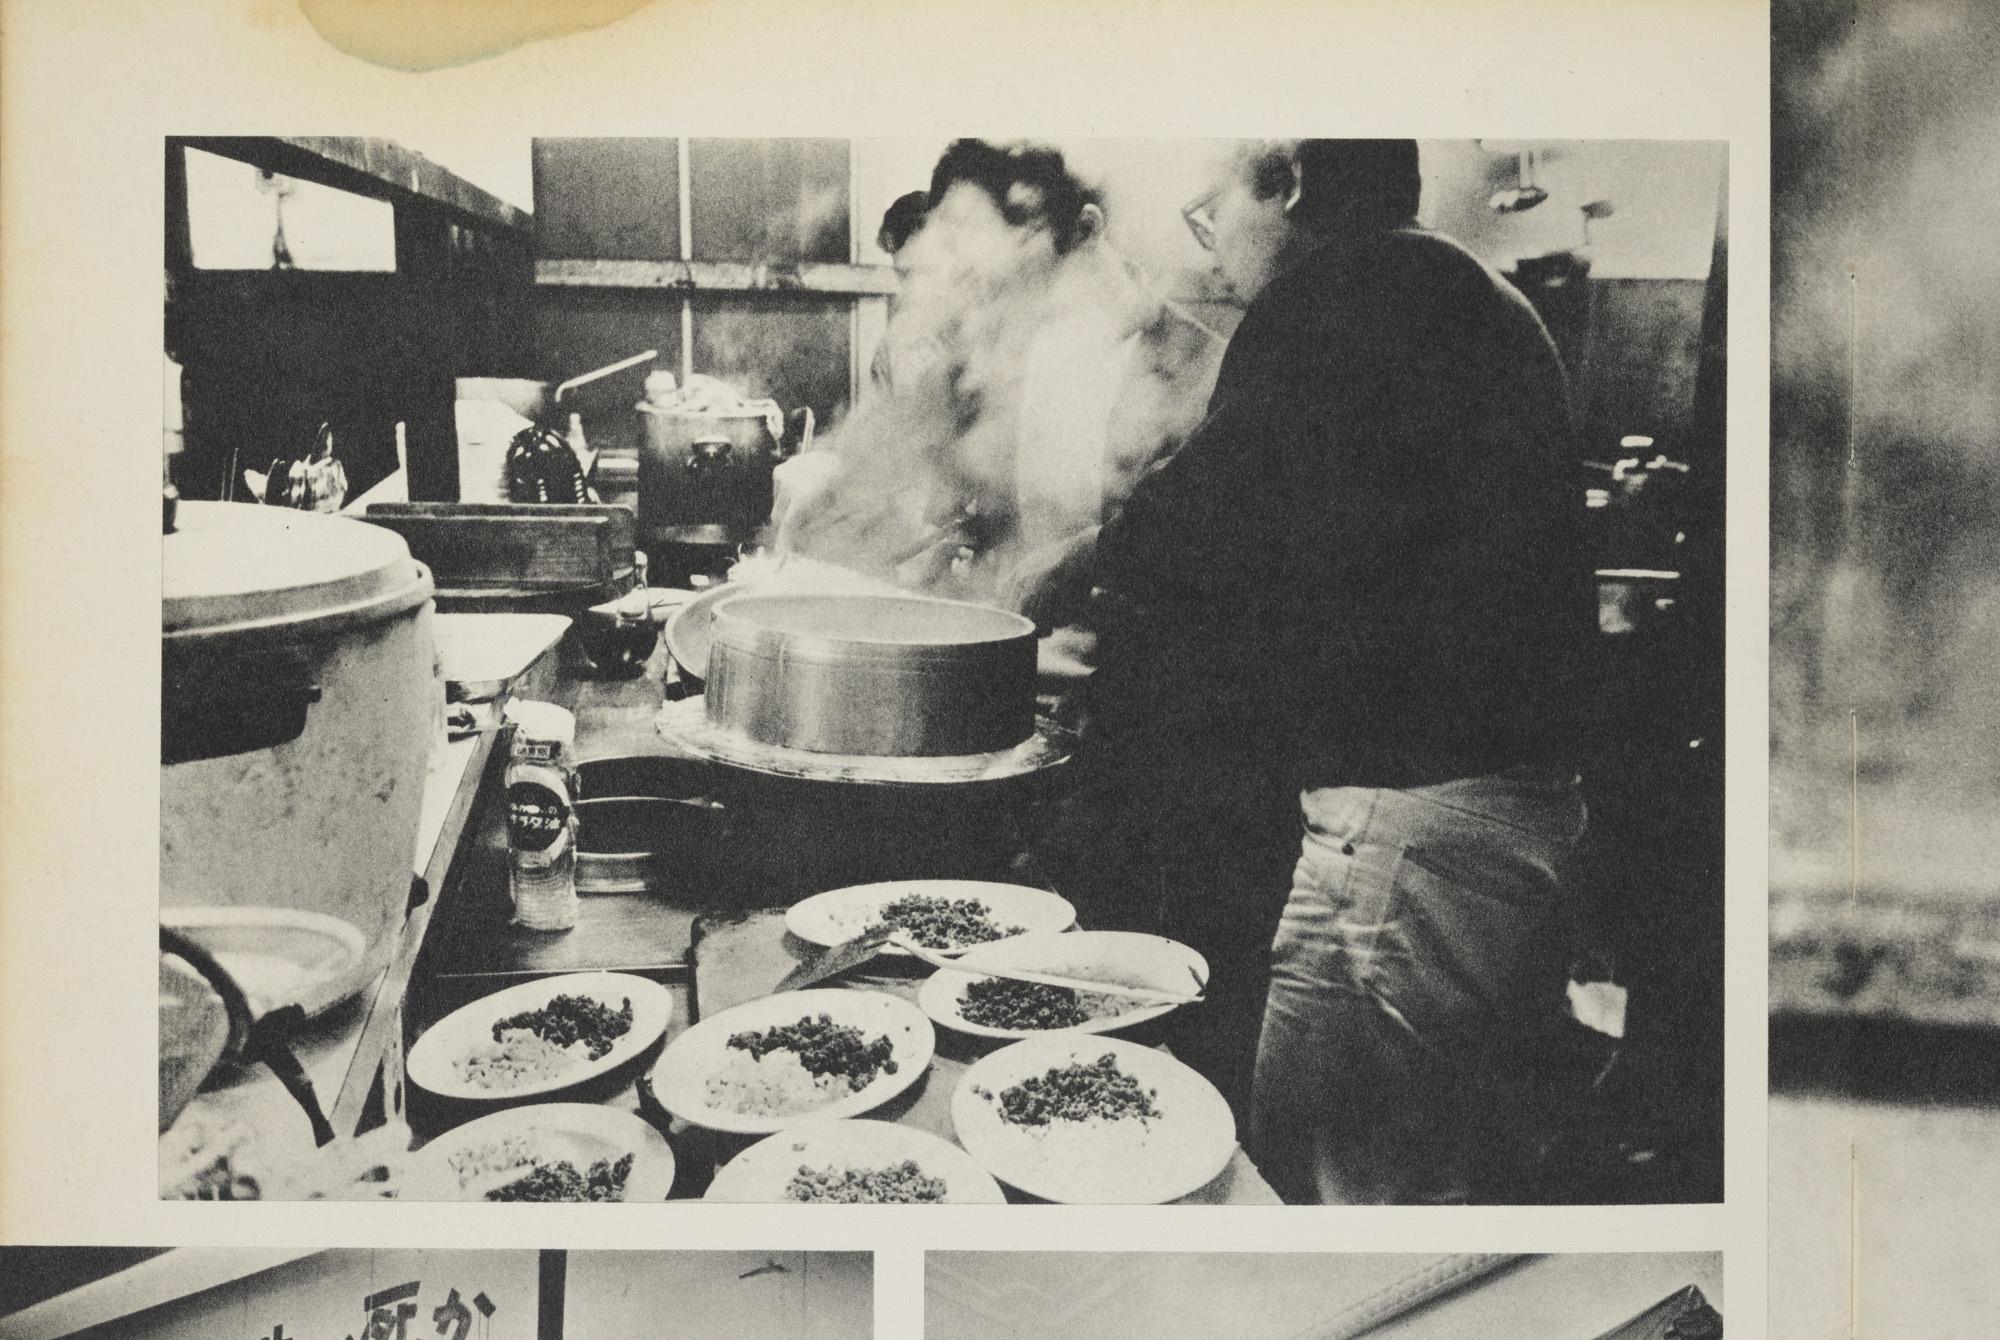 日大闘争 バリケードの中の自炊 1968 国立歴史民俗博物館蔵